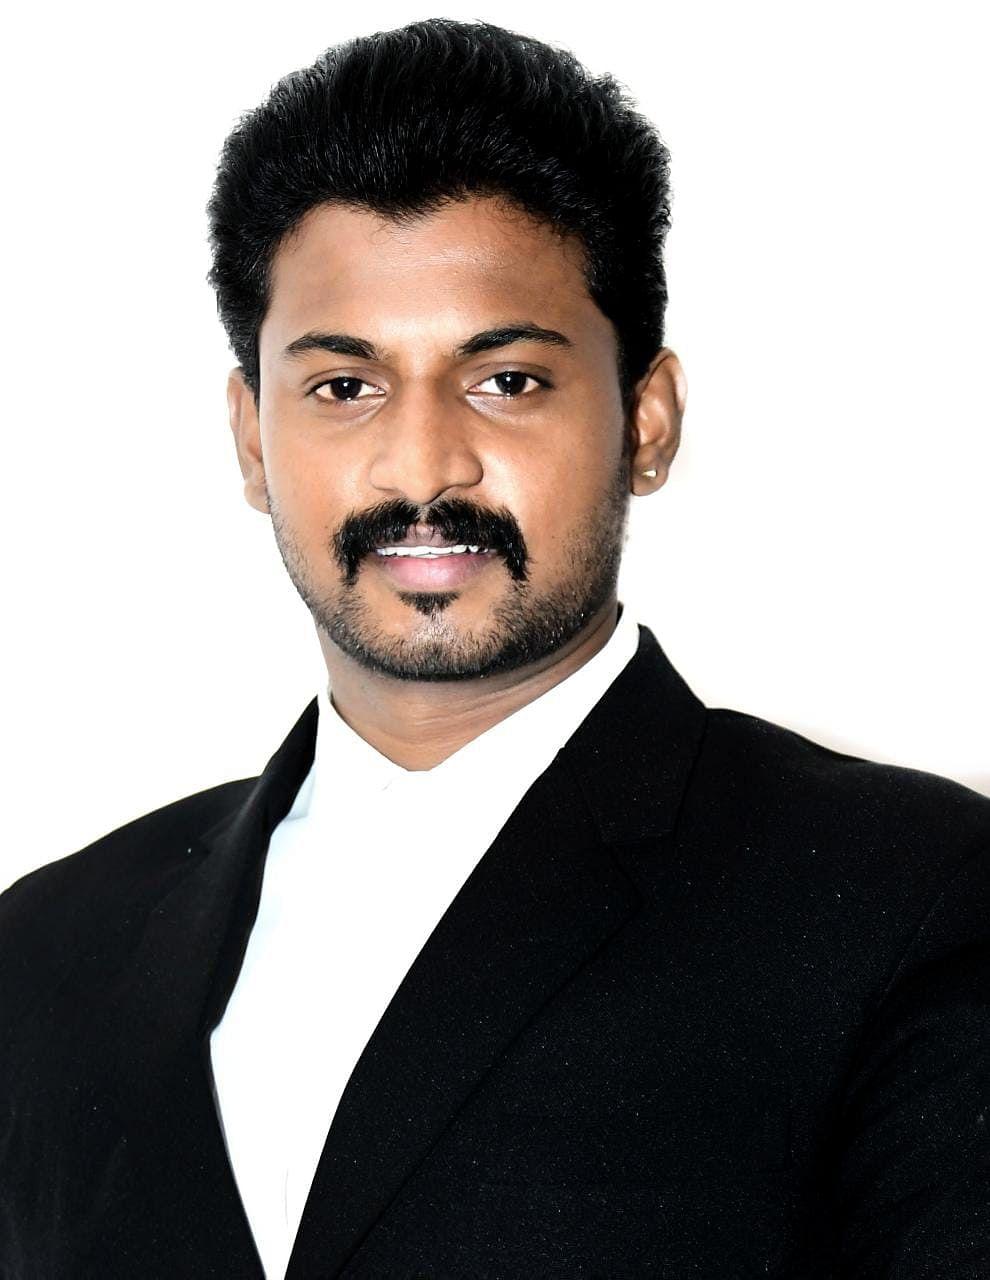 வழக்கறிஞர் விஜயகுமார்